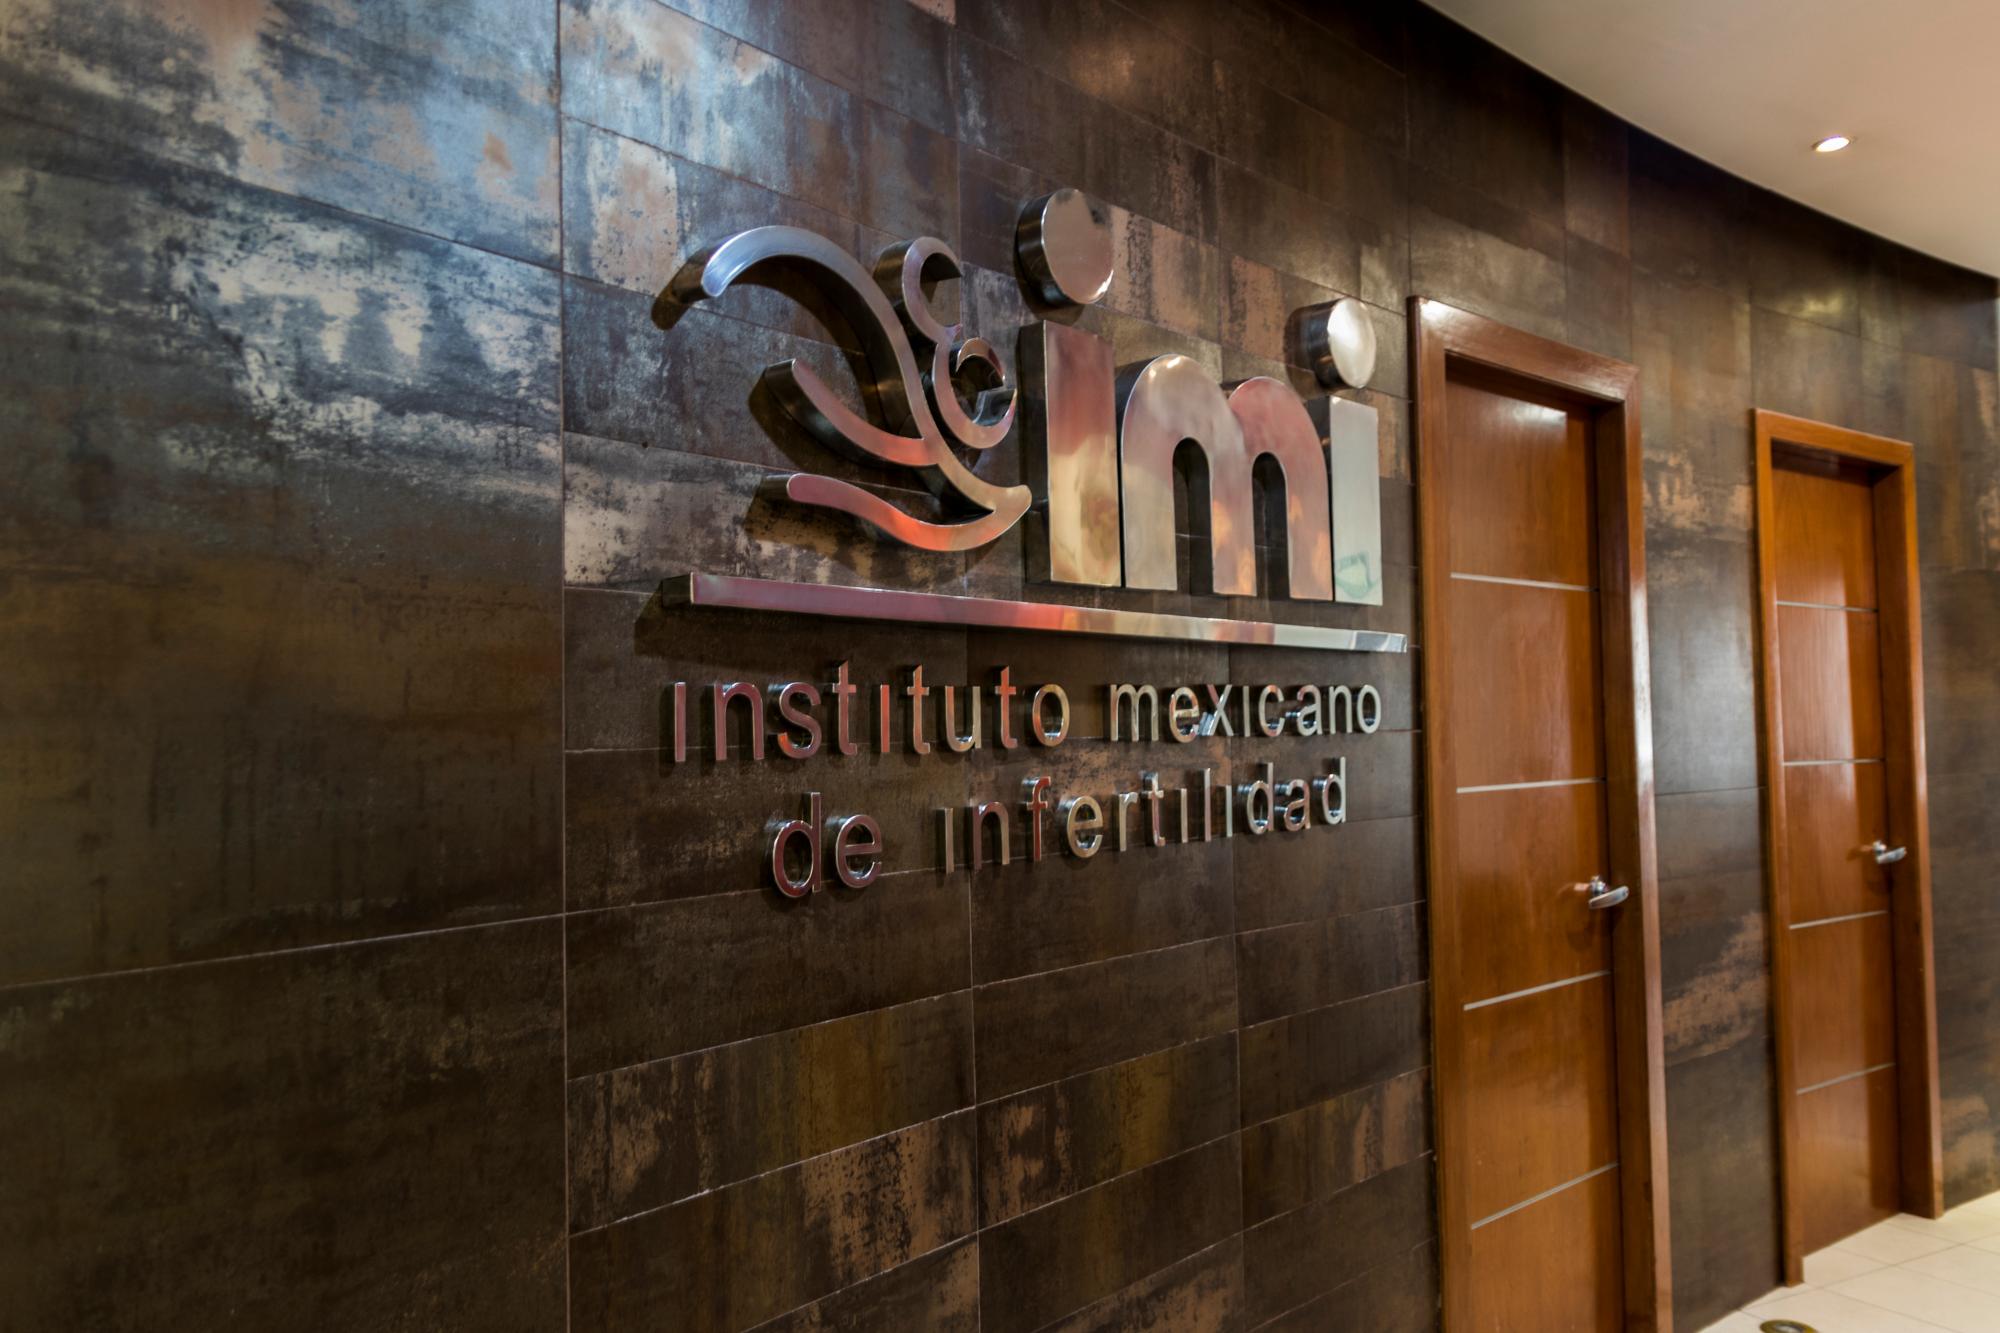 Instituto Mexicano de Fertilidad